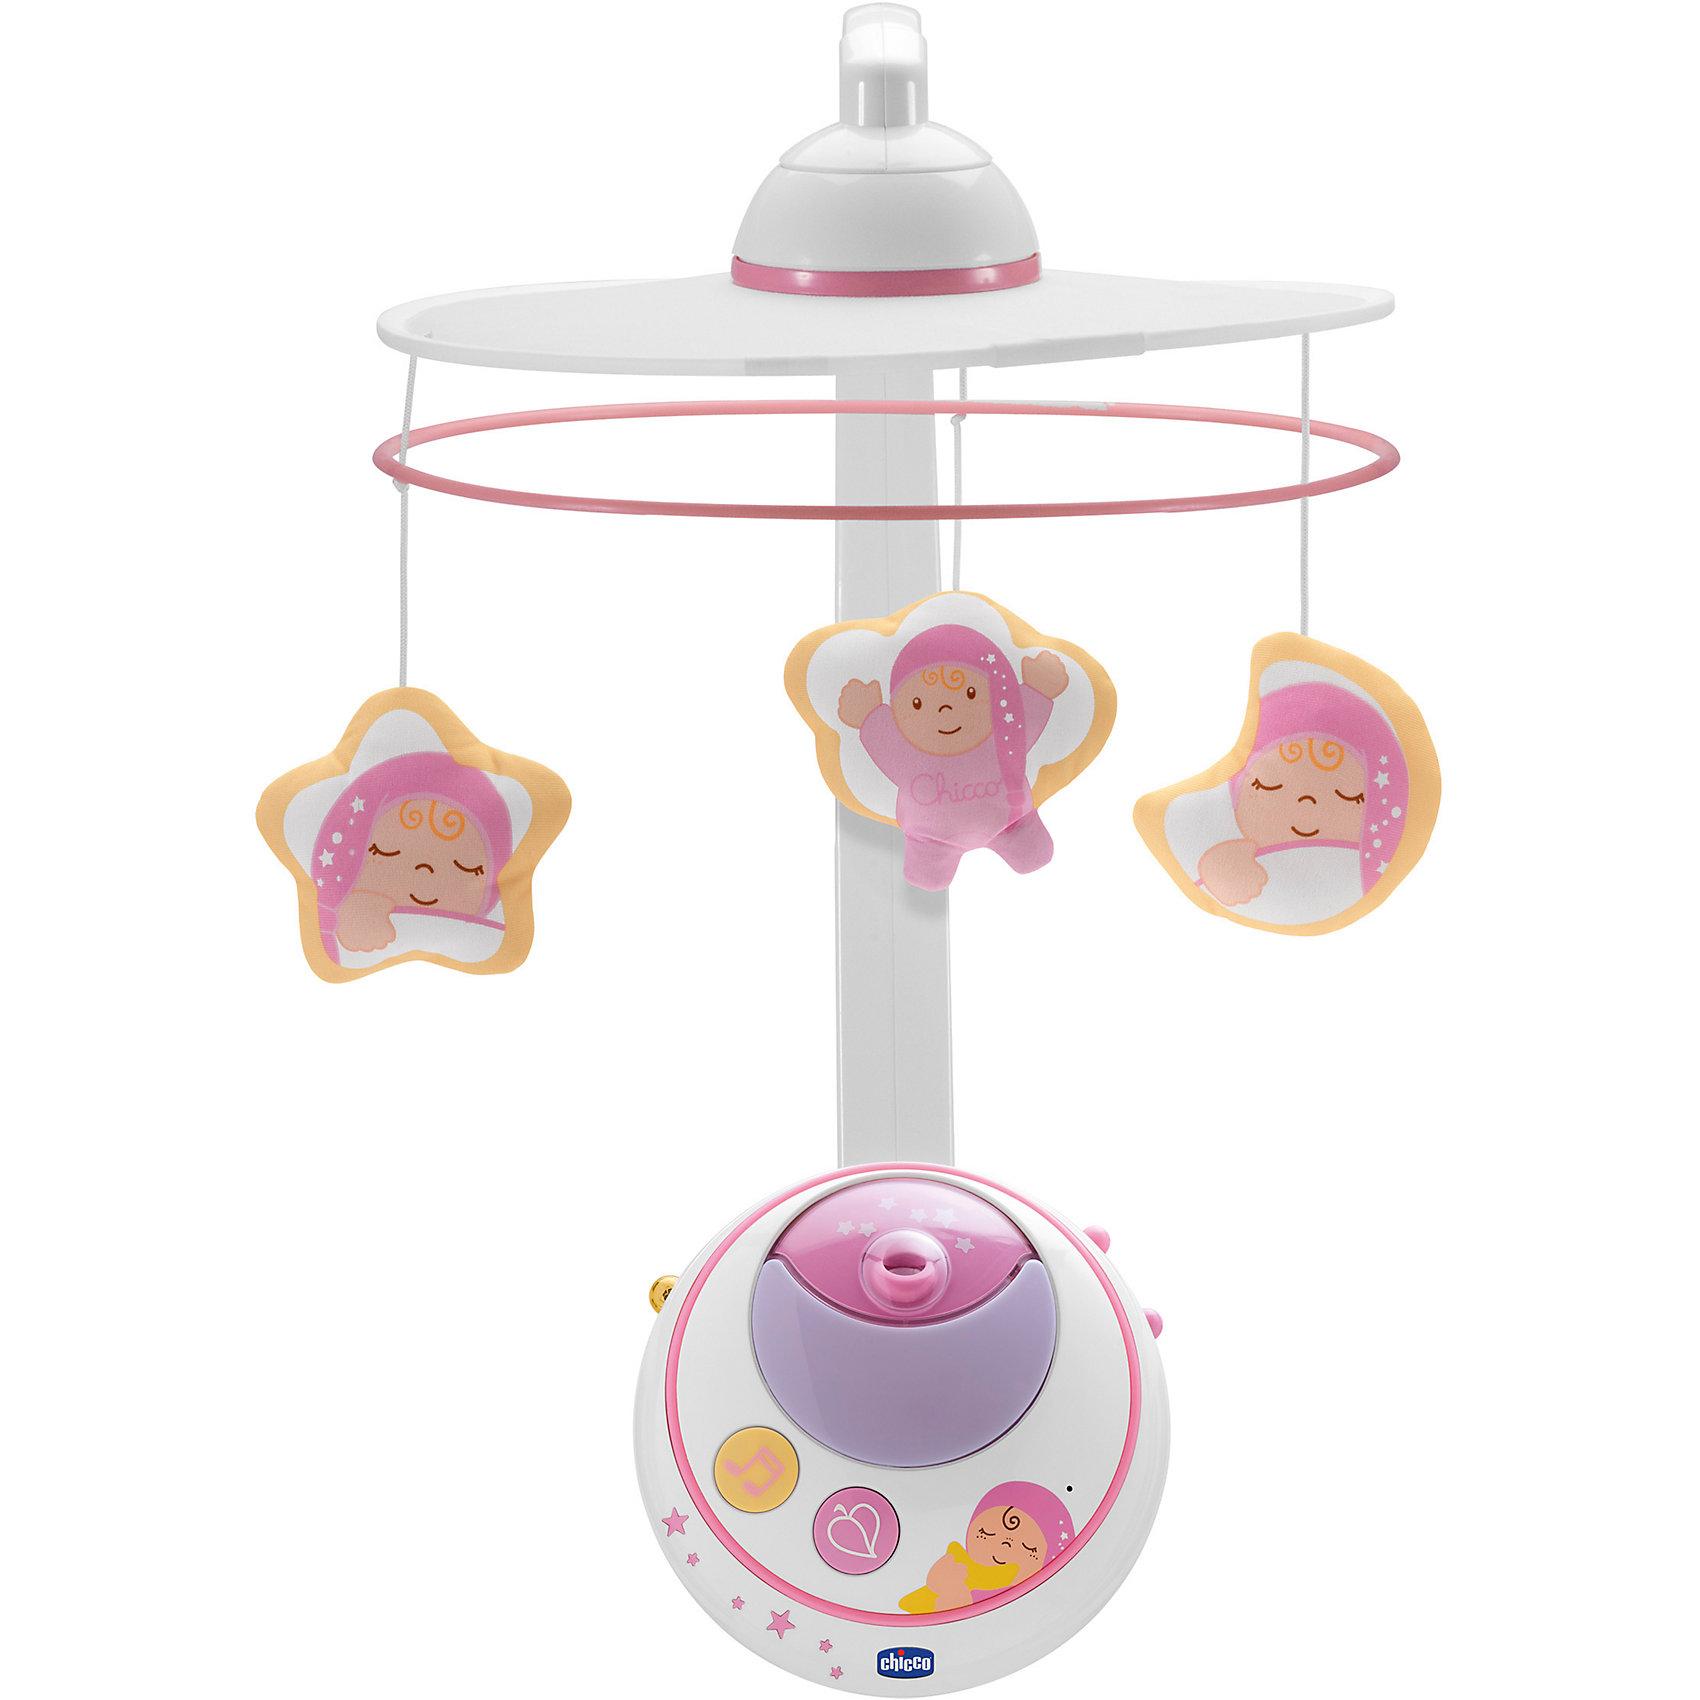 CHICCO Мобиль Волшебные звезды, розовый, с д/у, Chicco мобили chicco подвеска мобиль пчелки 0м